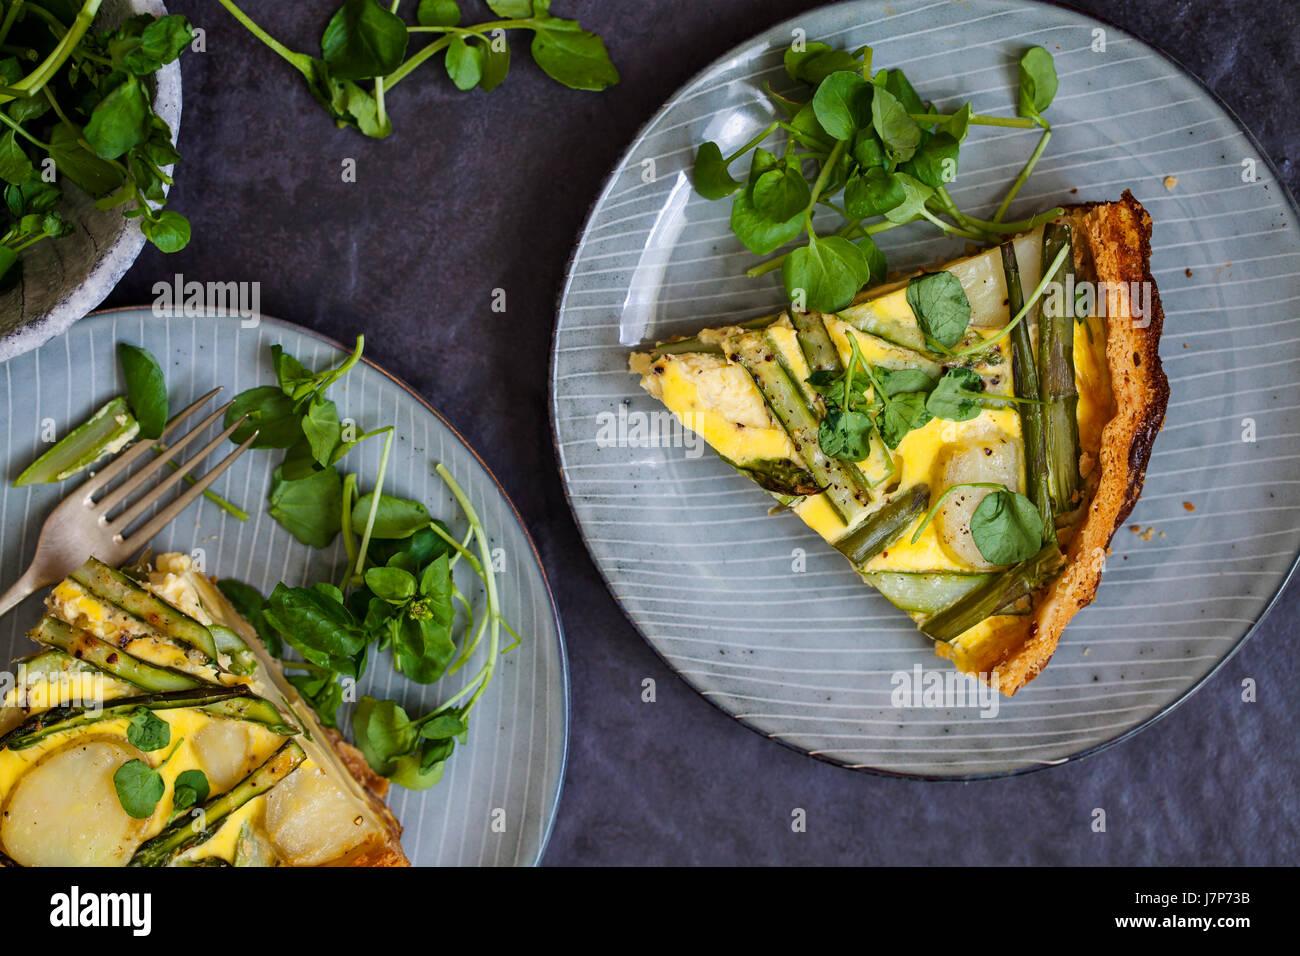 Asparagus and Jersey Royal potatoes tart - Stock Image